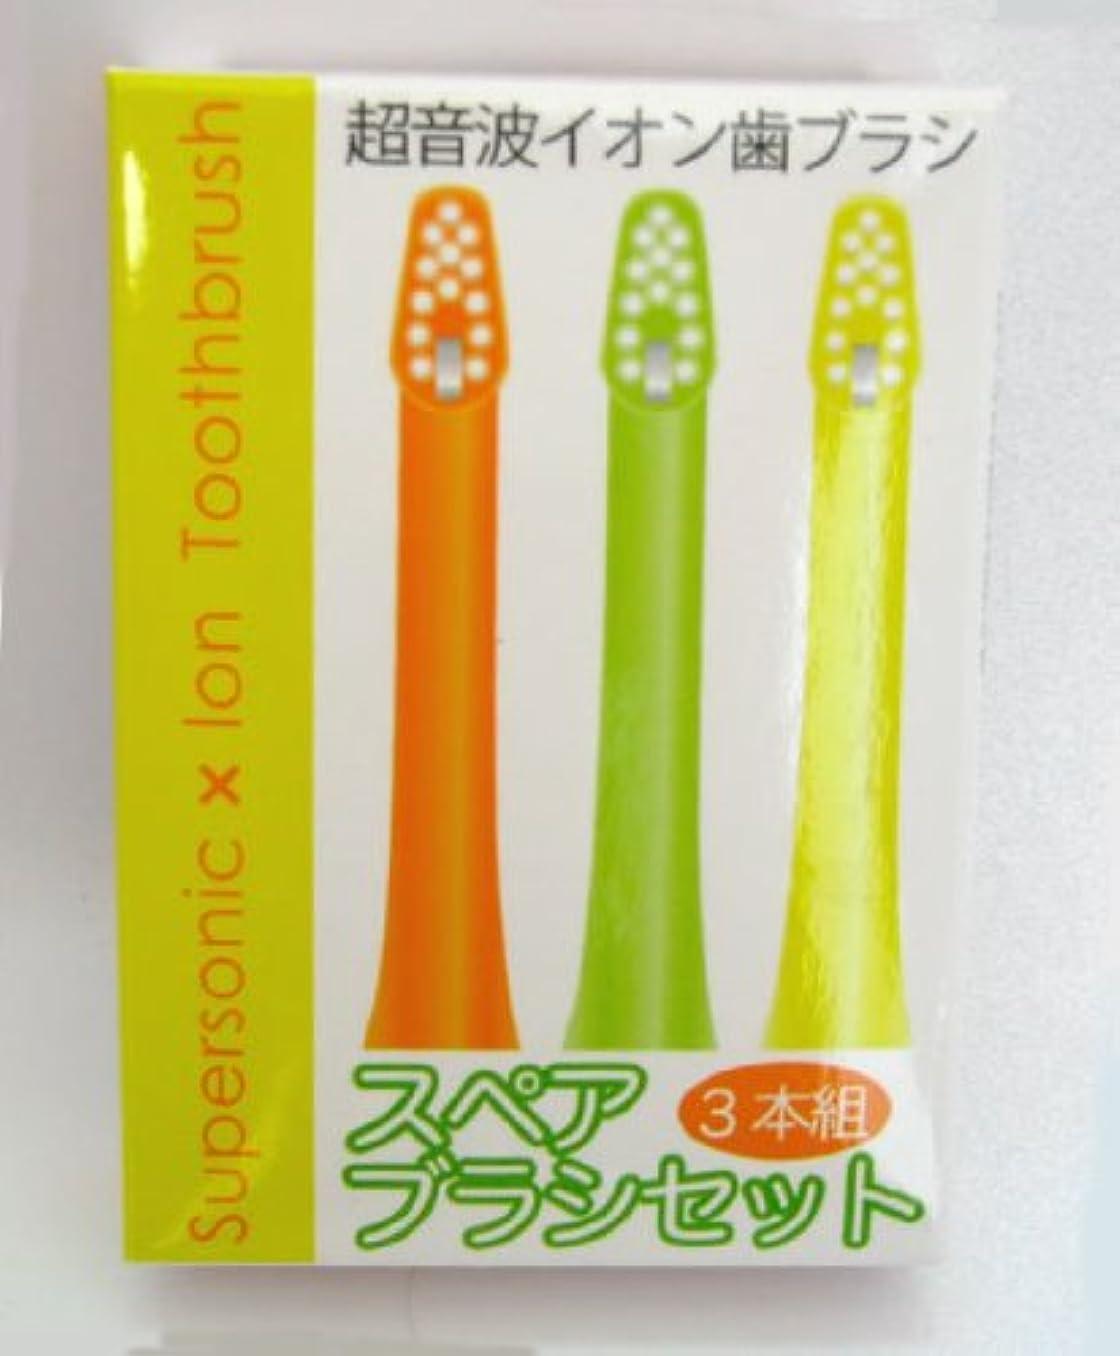 禁輸カテナブリーク超音波イオン歯ブラシ専用スペアブラシ3本セット(交換用ブラシ)